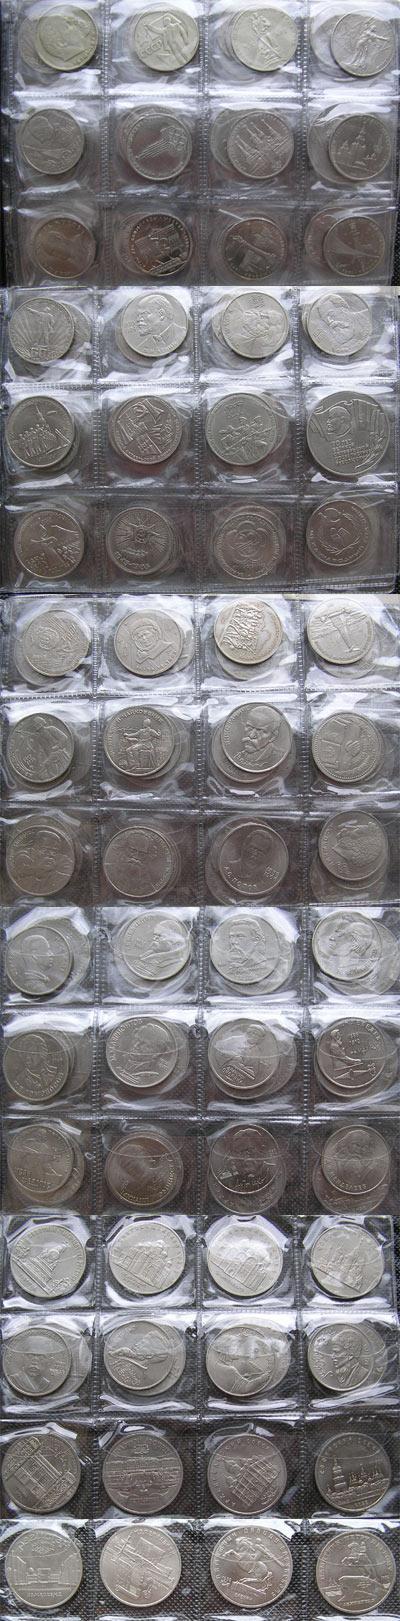 Набор юбилейных рублей обычных